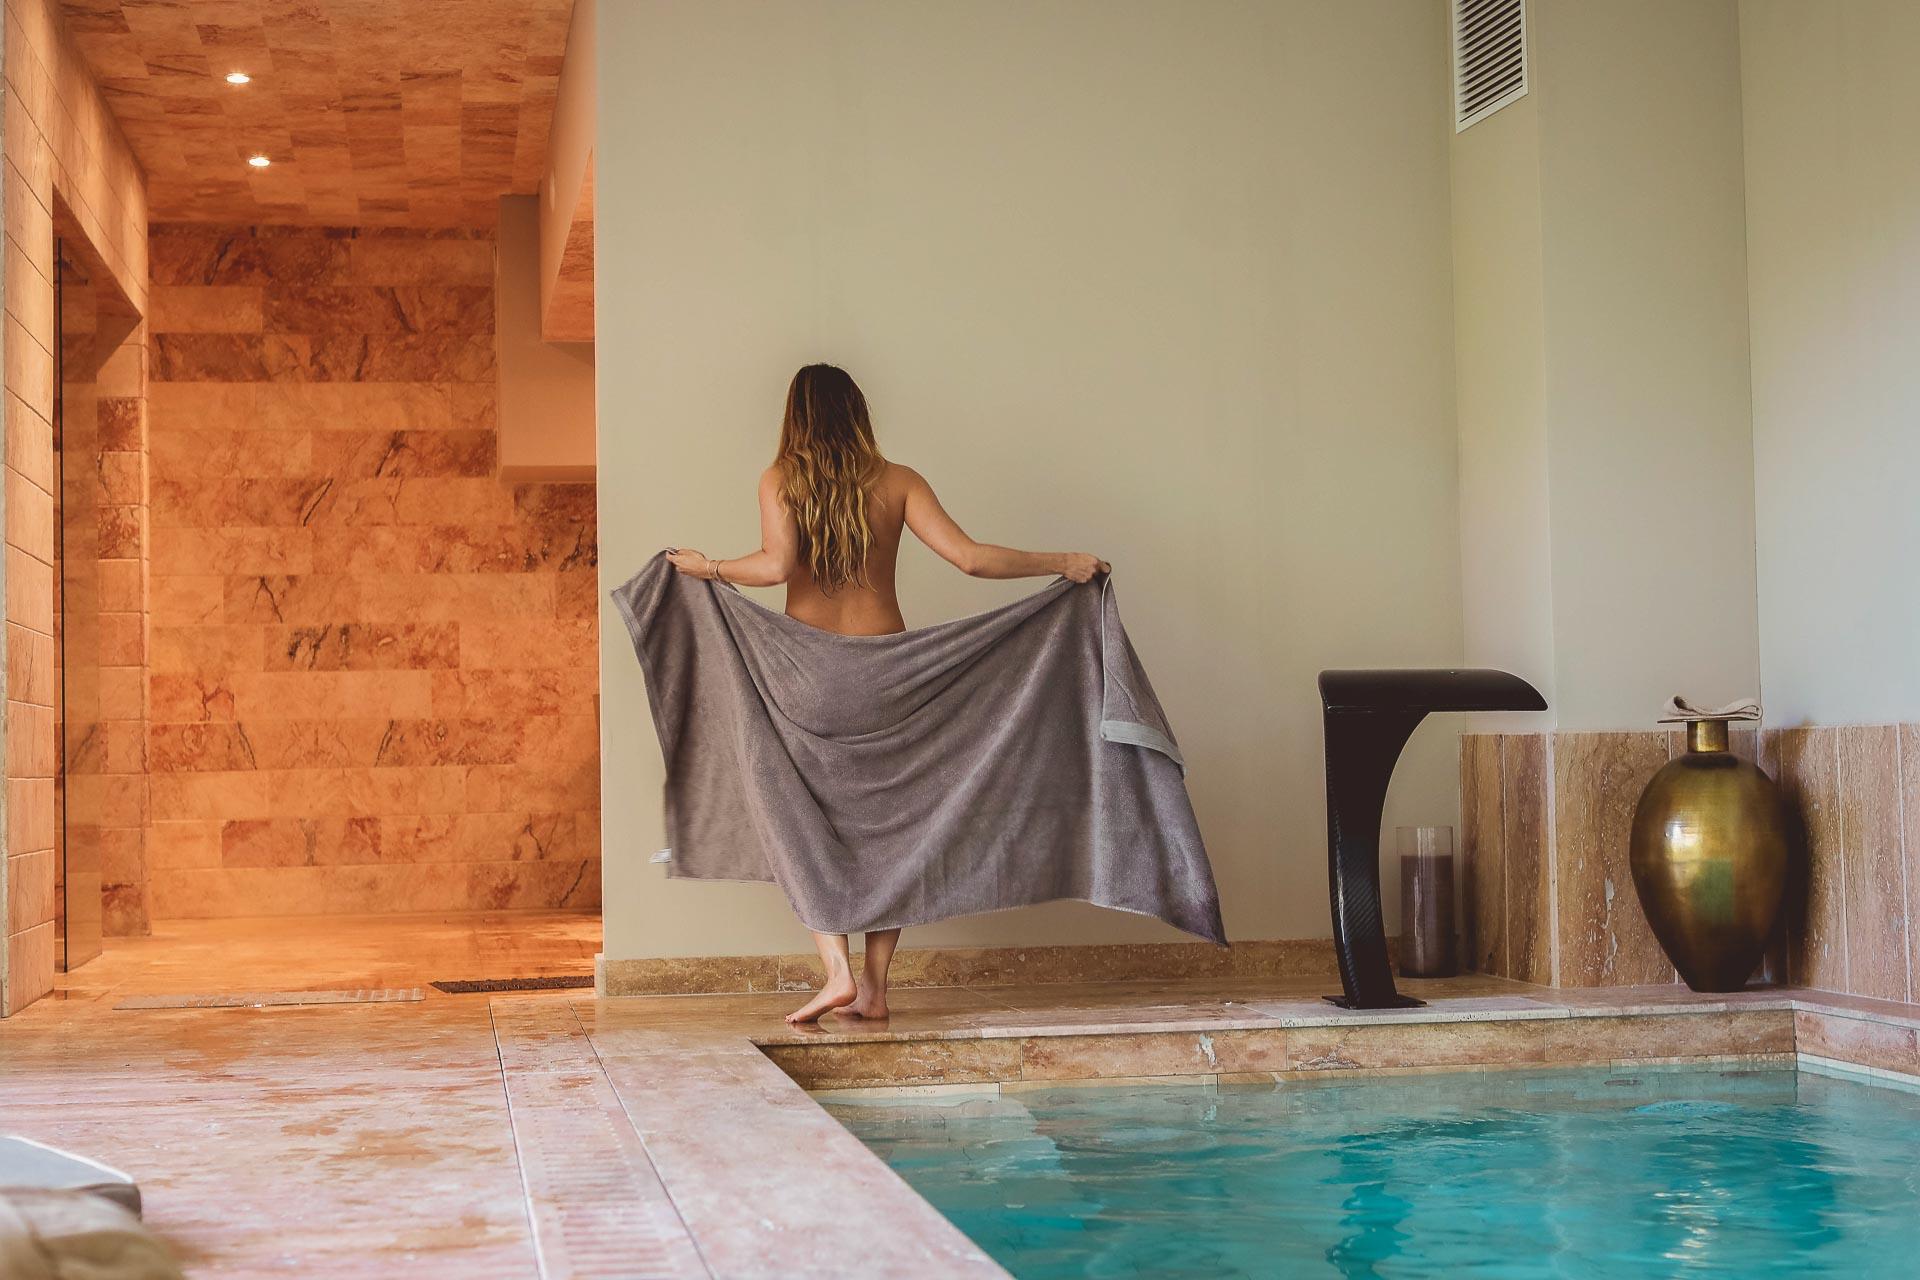 Côté bien-être, l'hôtel peut compter sur un Spa de 350 m2 avec 4 cabines de soin, un sauna, un hammam, un jacuzzi et une piscine intérieure